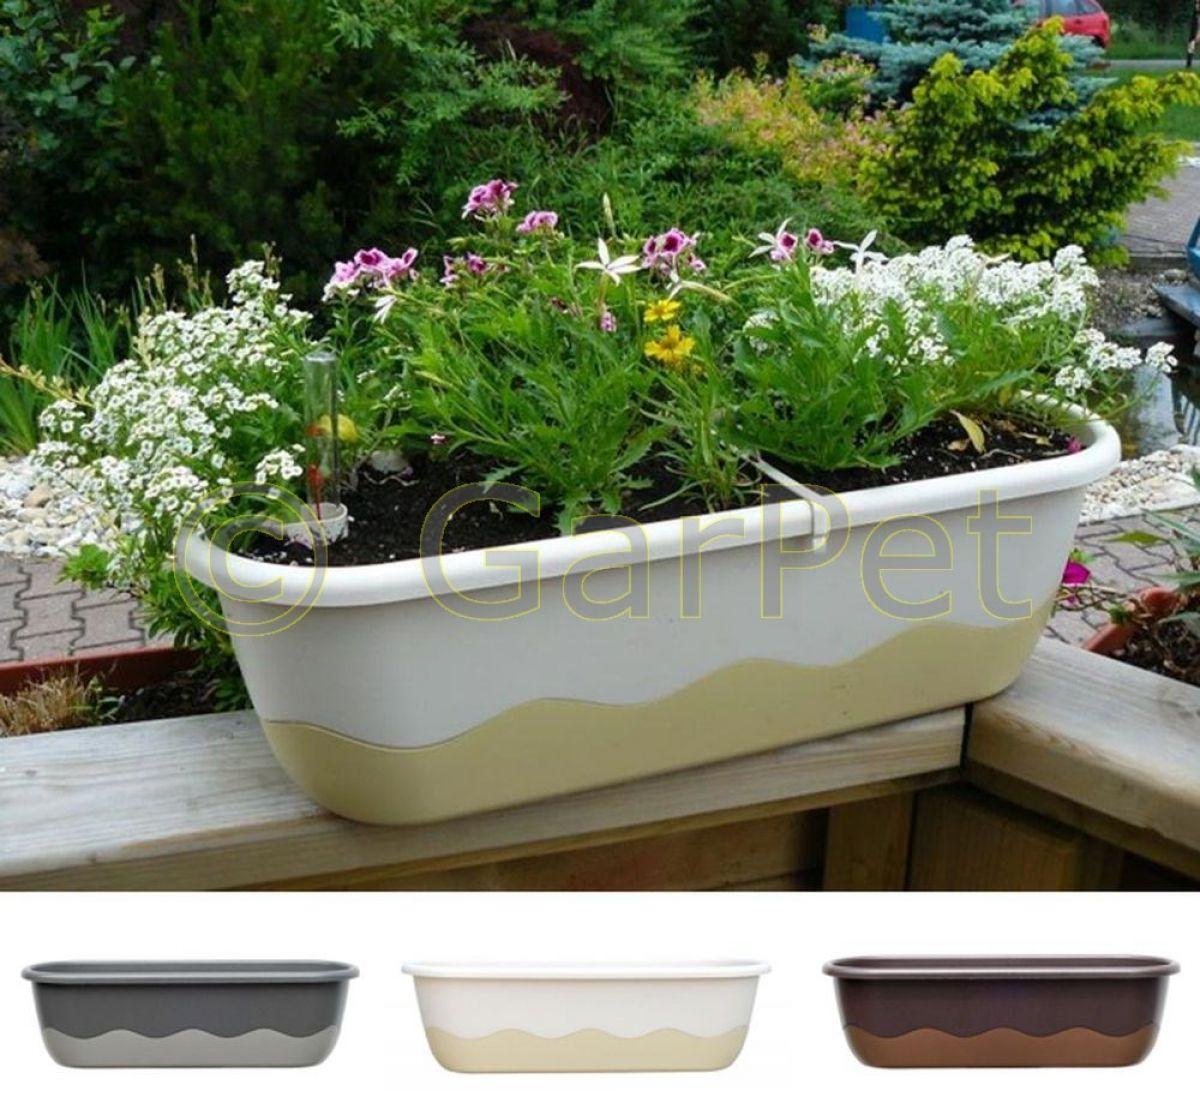 blumenkasten mit wasserspeicher mareta balkon kasten modern pflanz k bel gef ebay. Black Bedroom Furniture Sets. Home Design Ideas